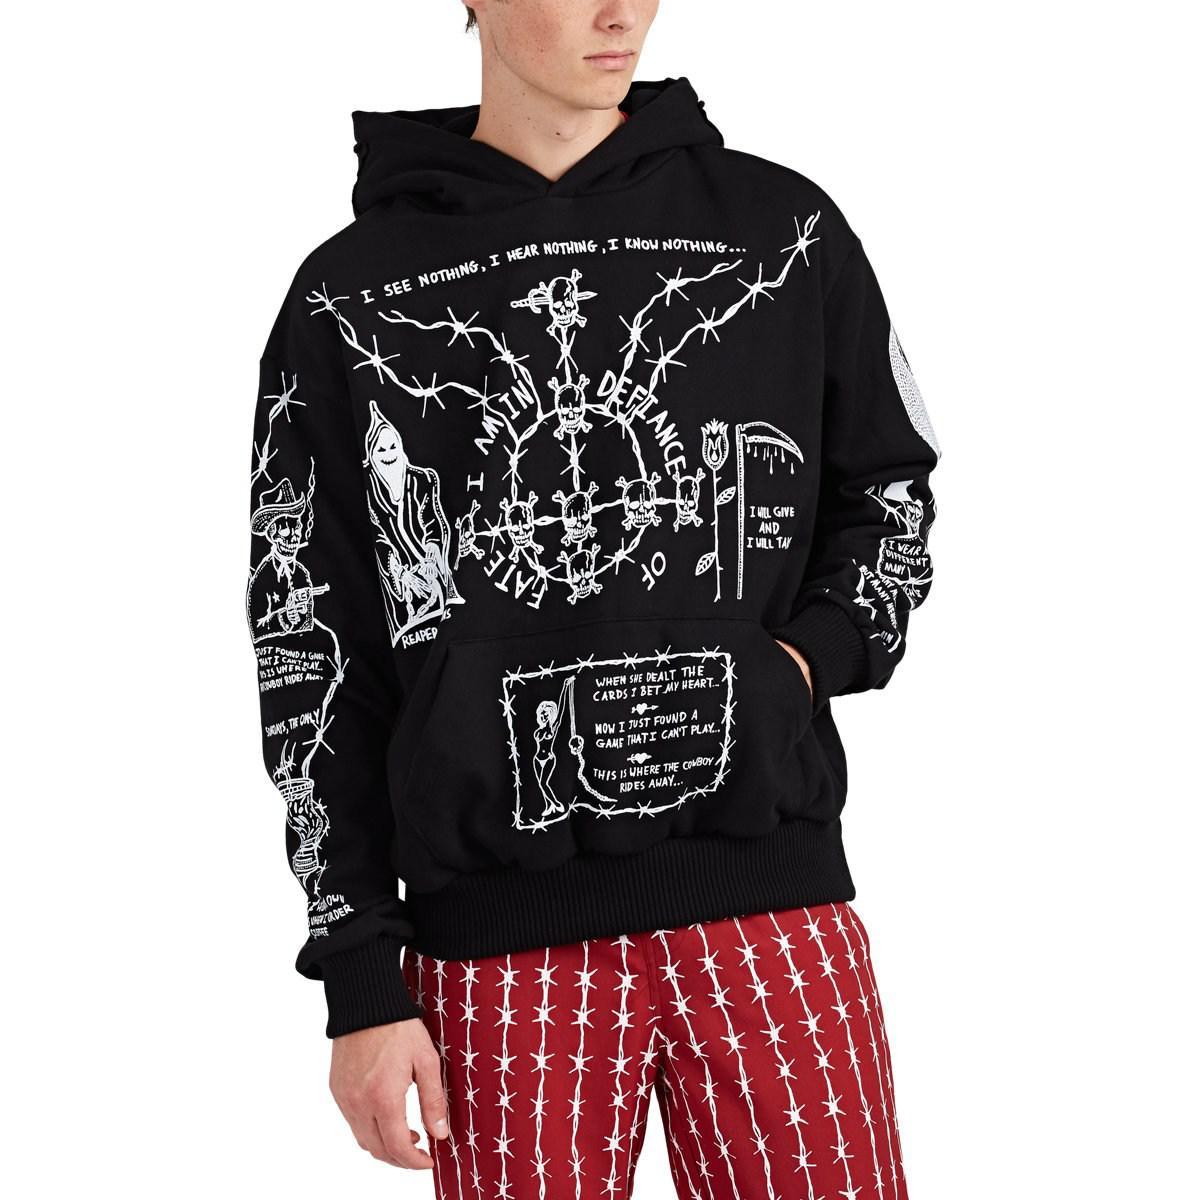 c27d6fd98c3 Warren Lotas Oversized Sabata Sweatshirt Hoodie in Black for Men ...